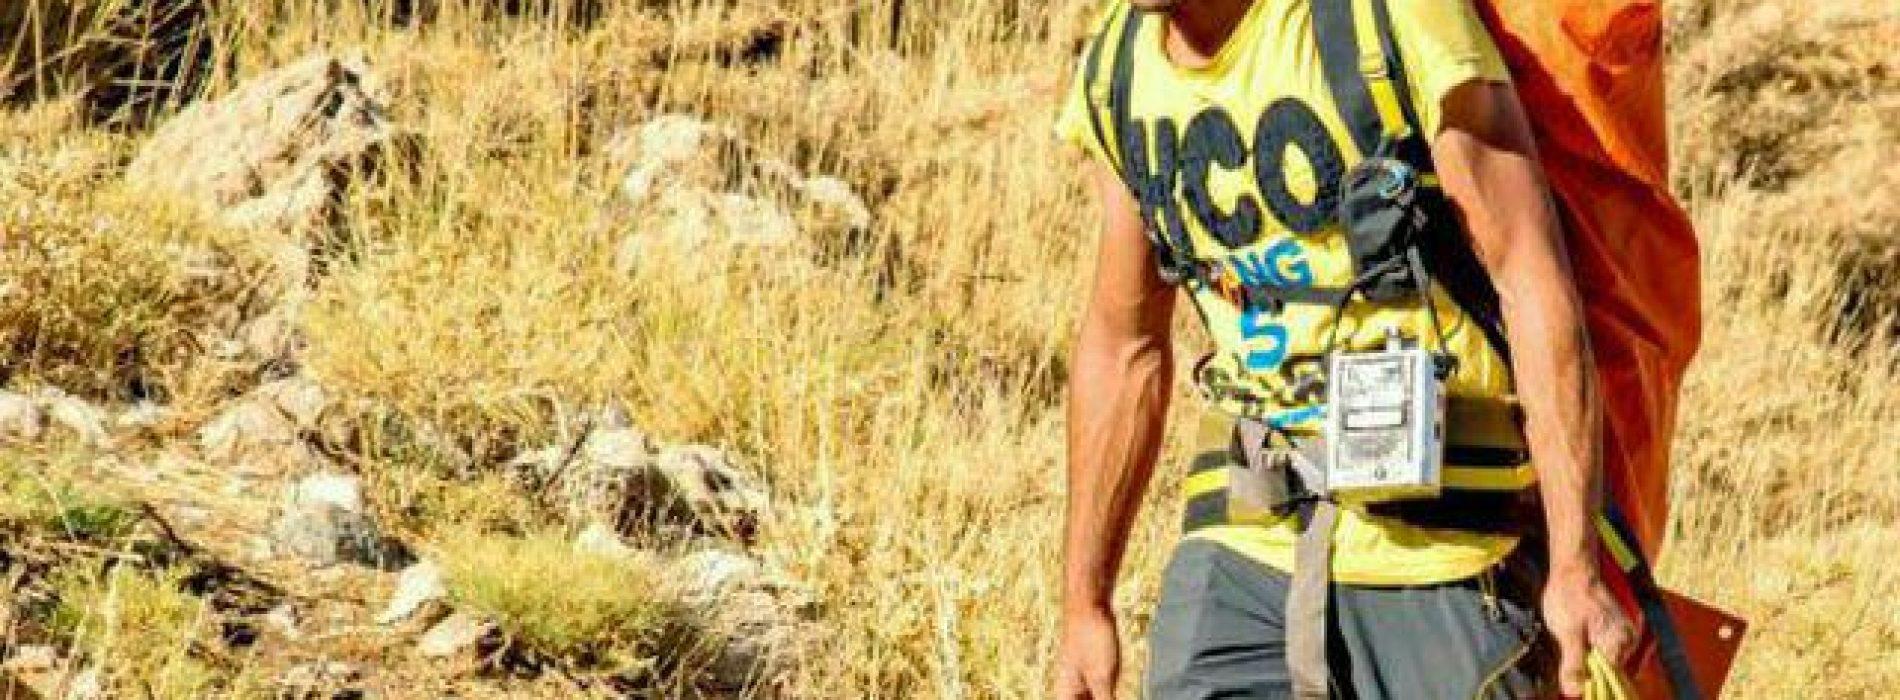 مرکزی: صعود فری سولو و سرعتی مسیرهای پژمان و تنوره دیواره لجور توسط اسماعیل مرادی